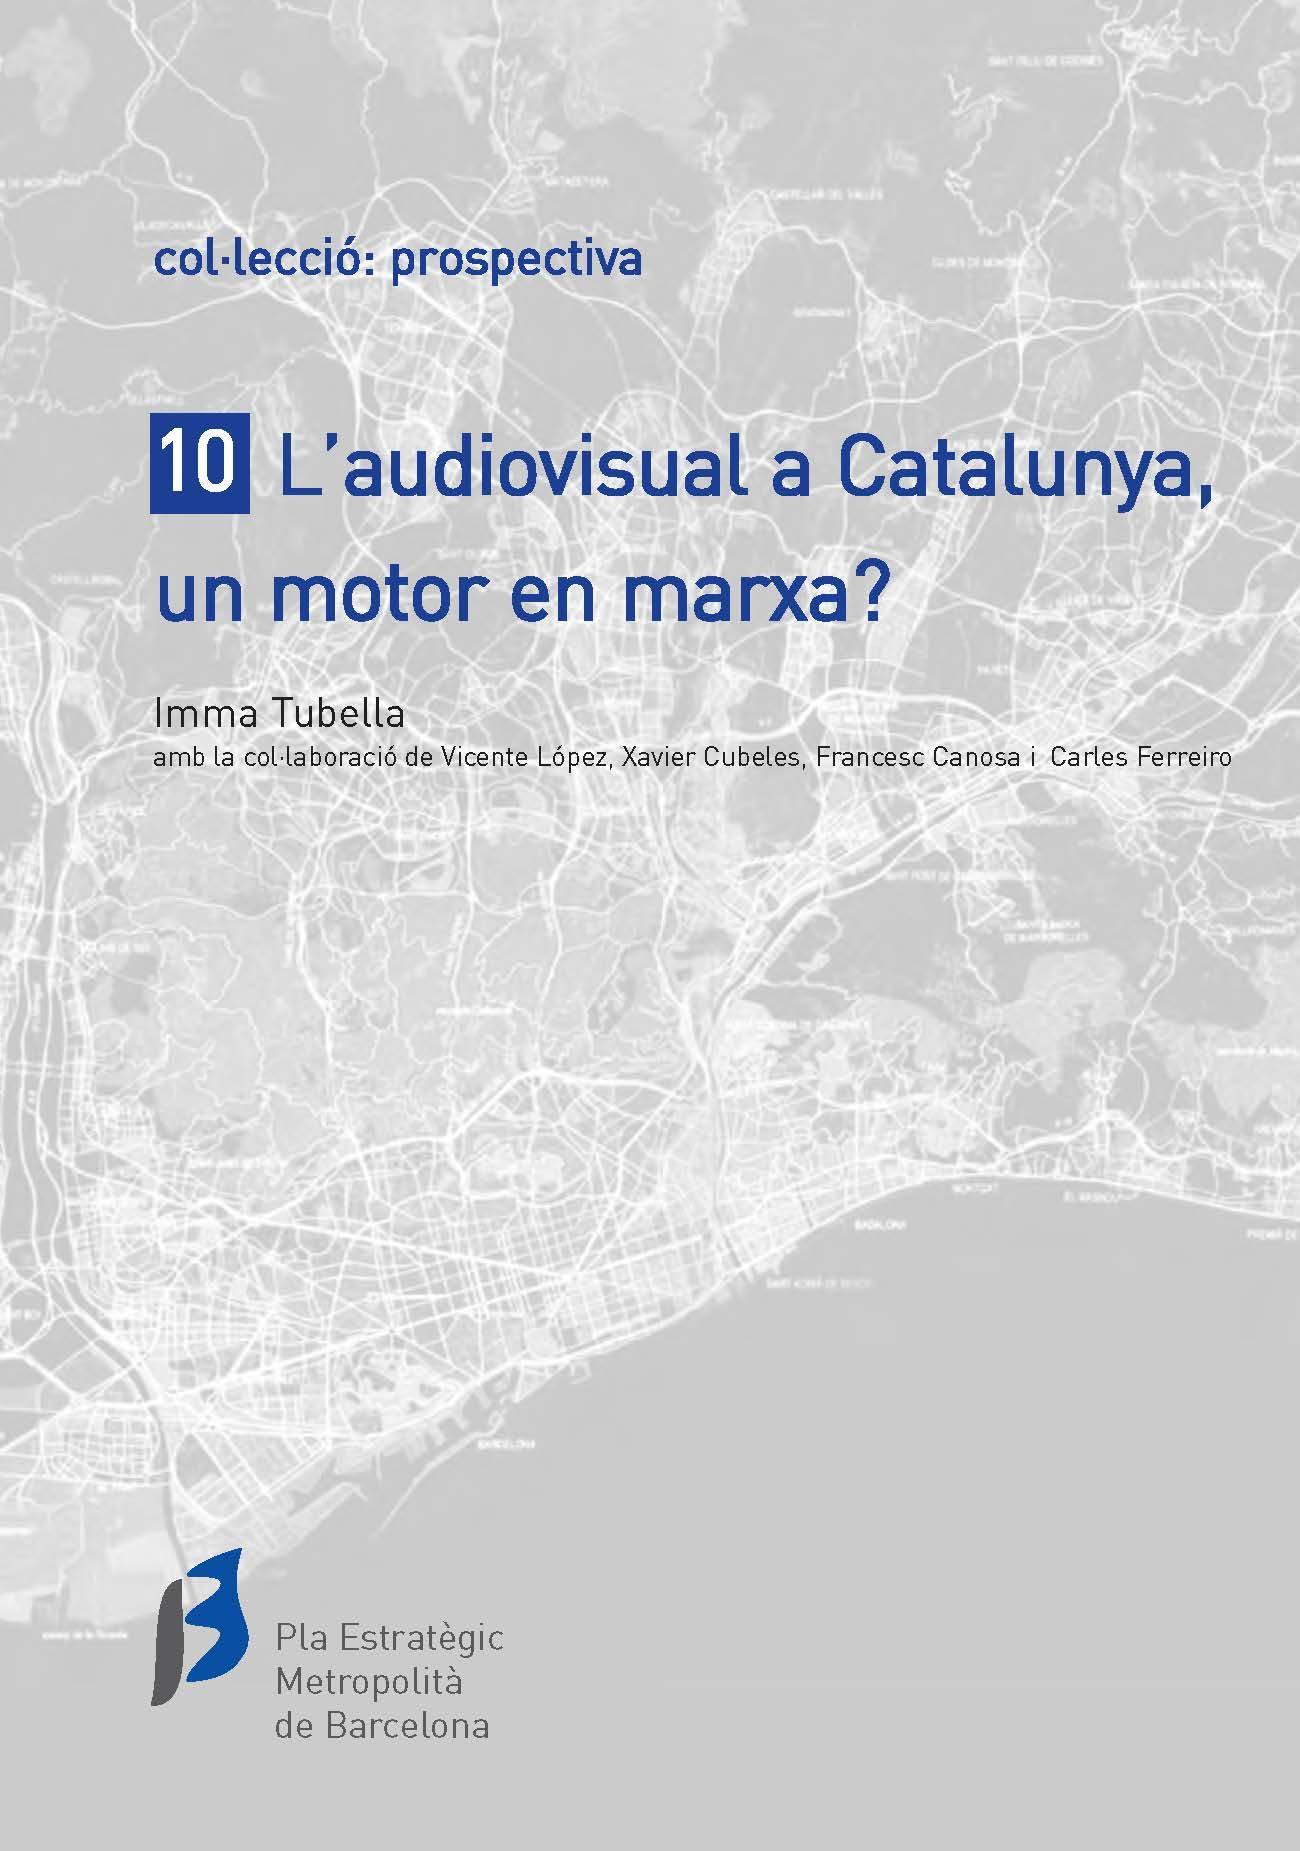 El audiovisual en Cataluña, un motor en marcha?